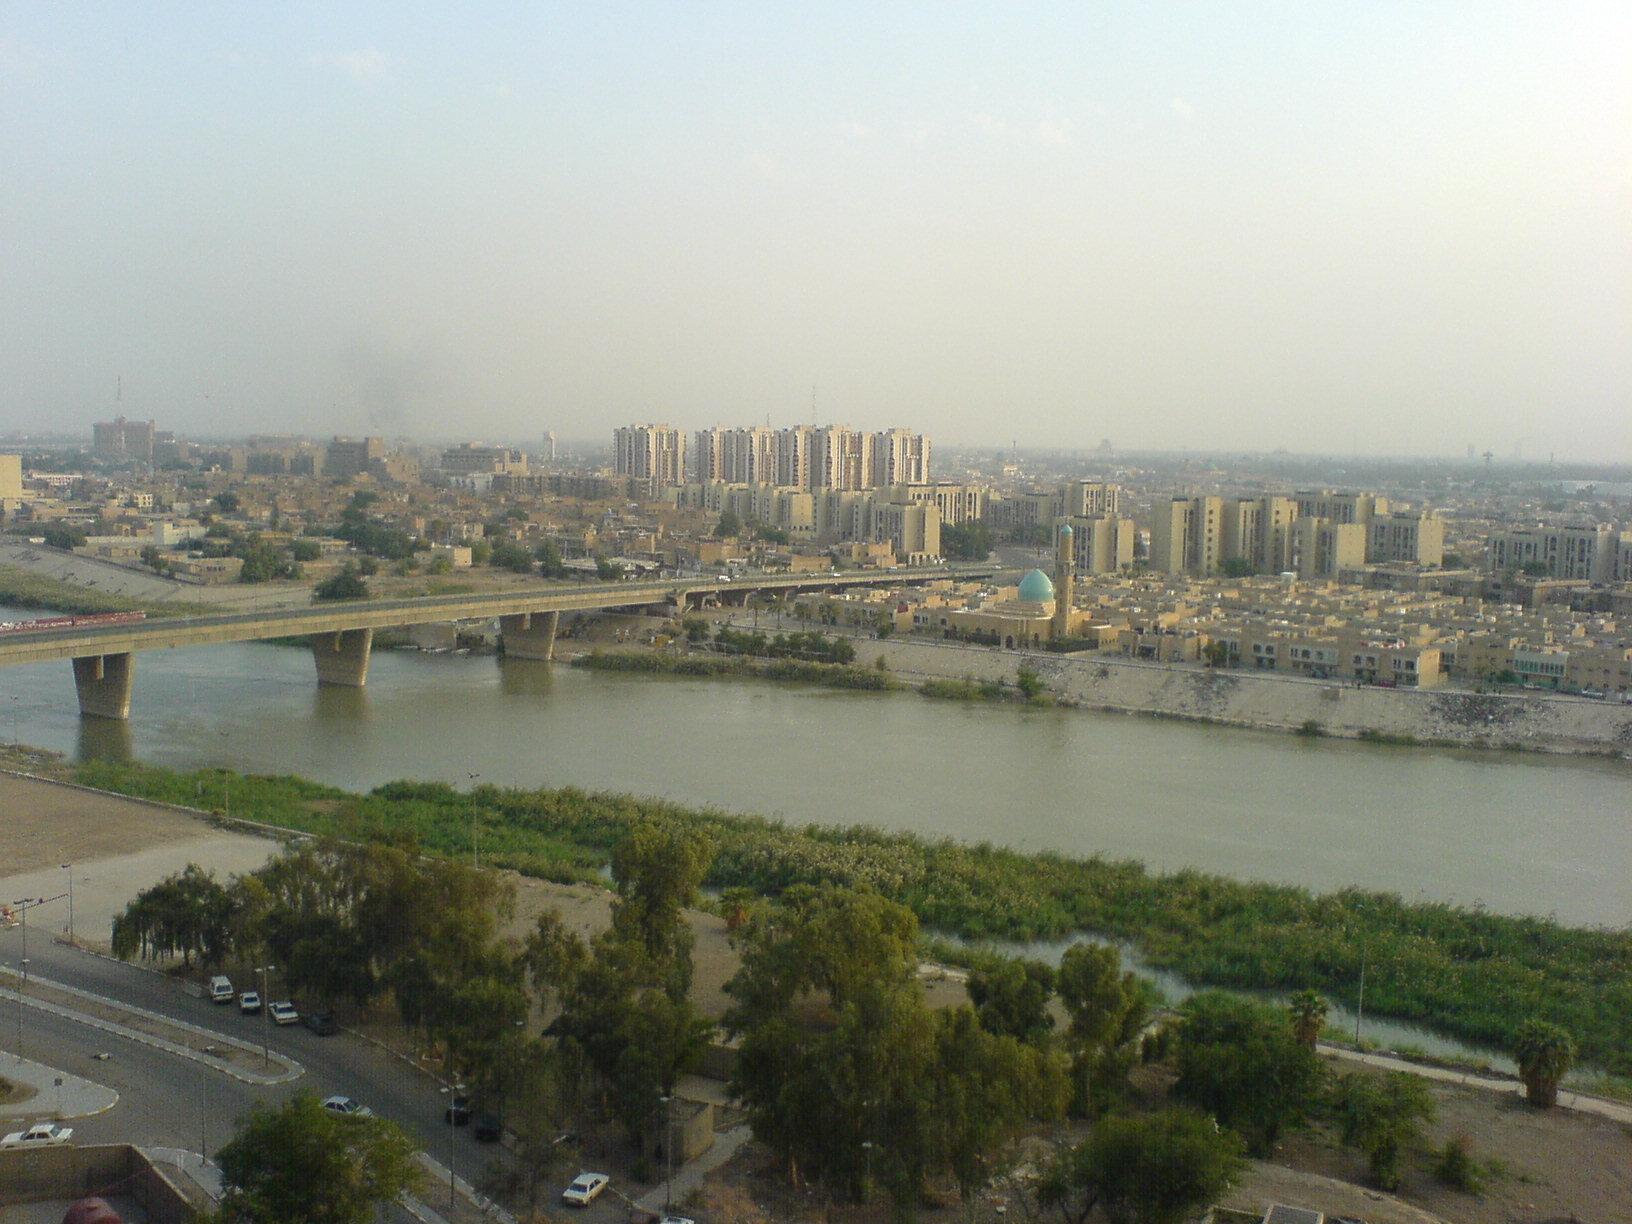 ذكرى تاسيس بغداد عاصمة العراق